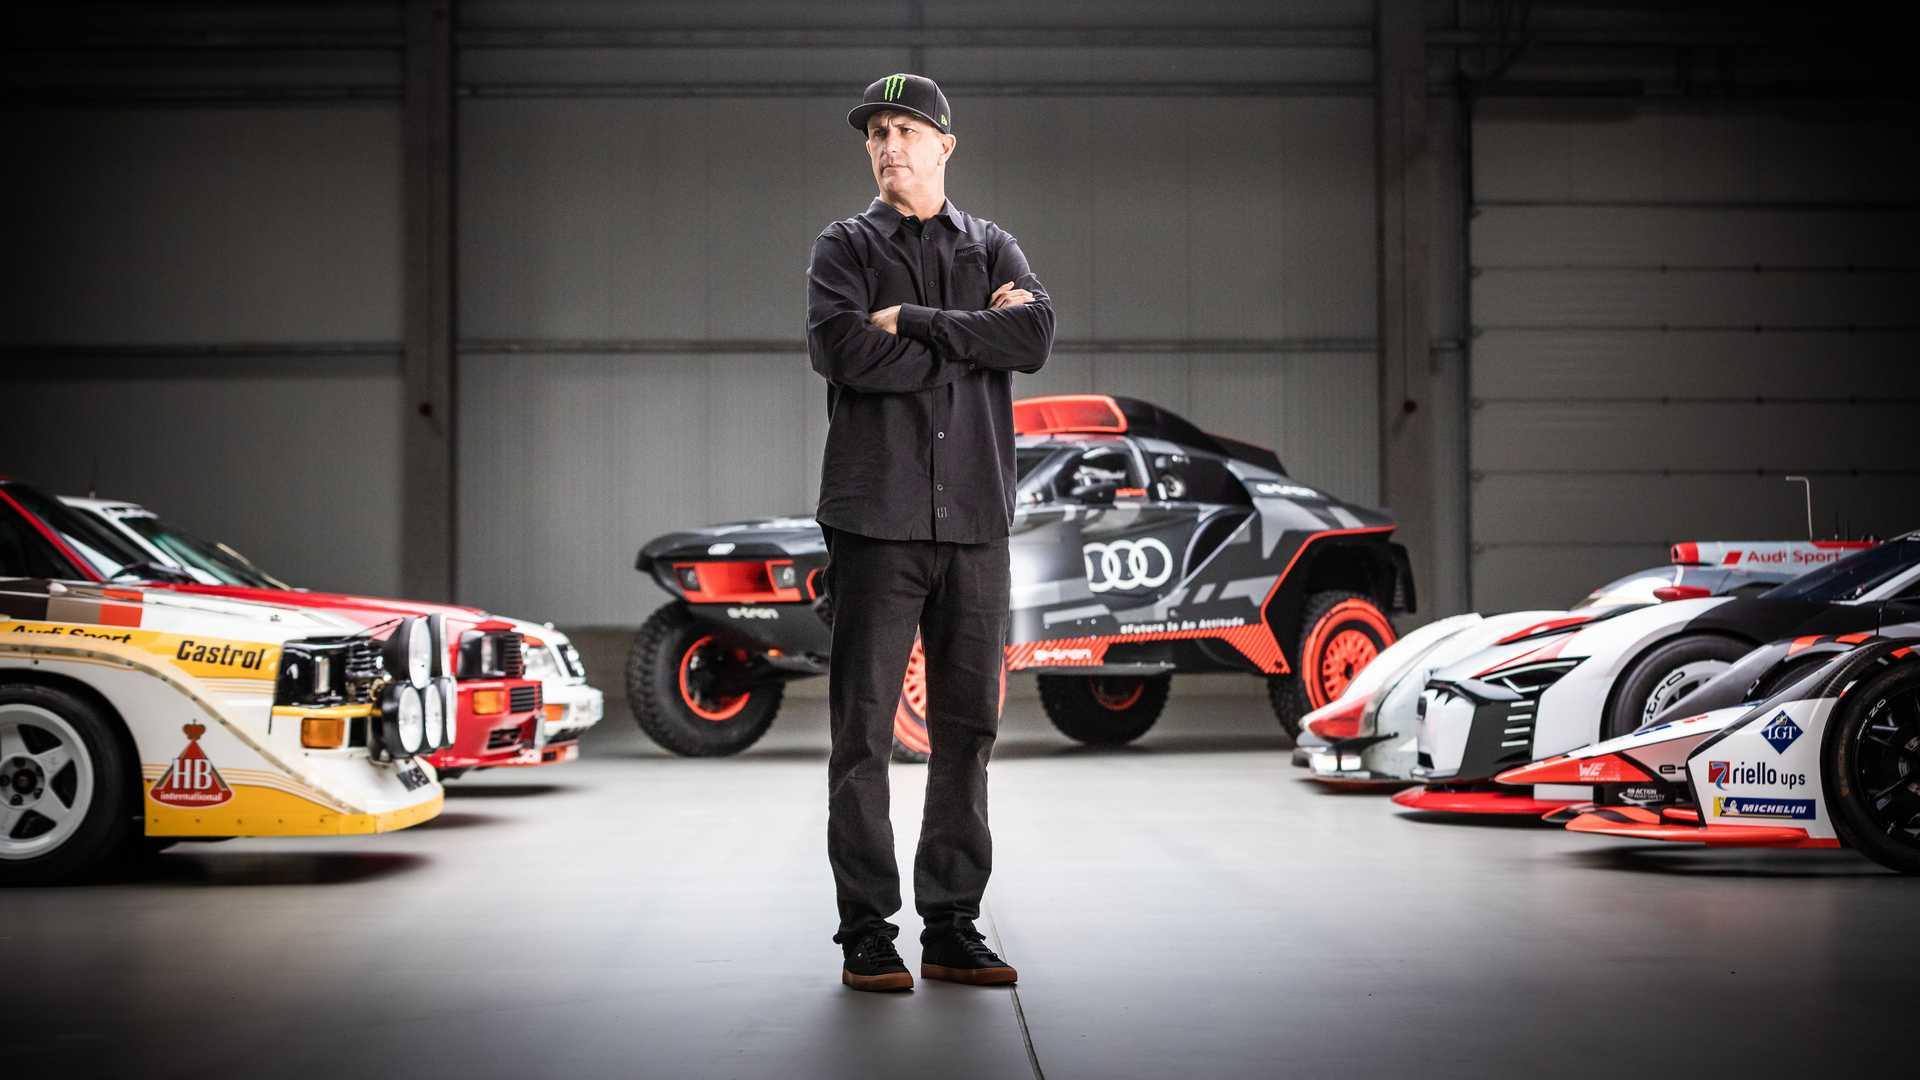 Кен Блок был лицом «Джимханы» с самого ее основания, поэтому, когда он расстался с «Фордом» в начале 2021 года, многие ломали голову, как сложится его дальнейшая судьба. Недавно шоумен объявил о работе с Audi, но подробности партнерства держались в секрете.